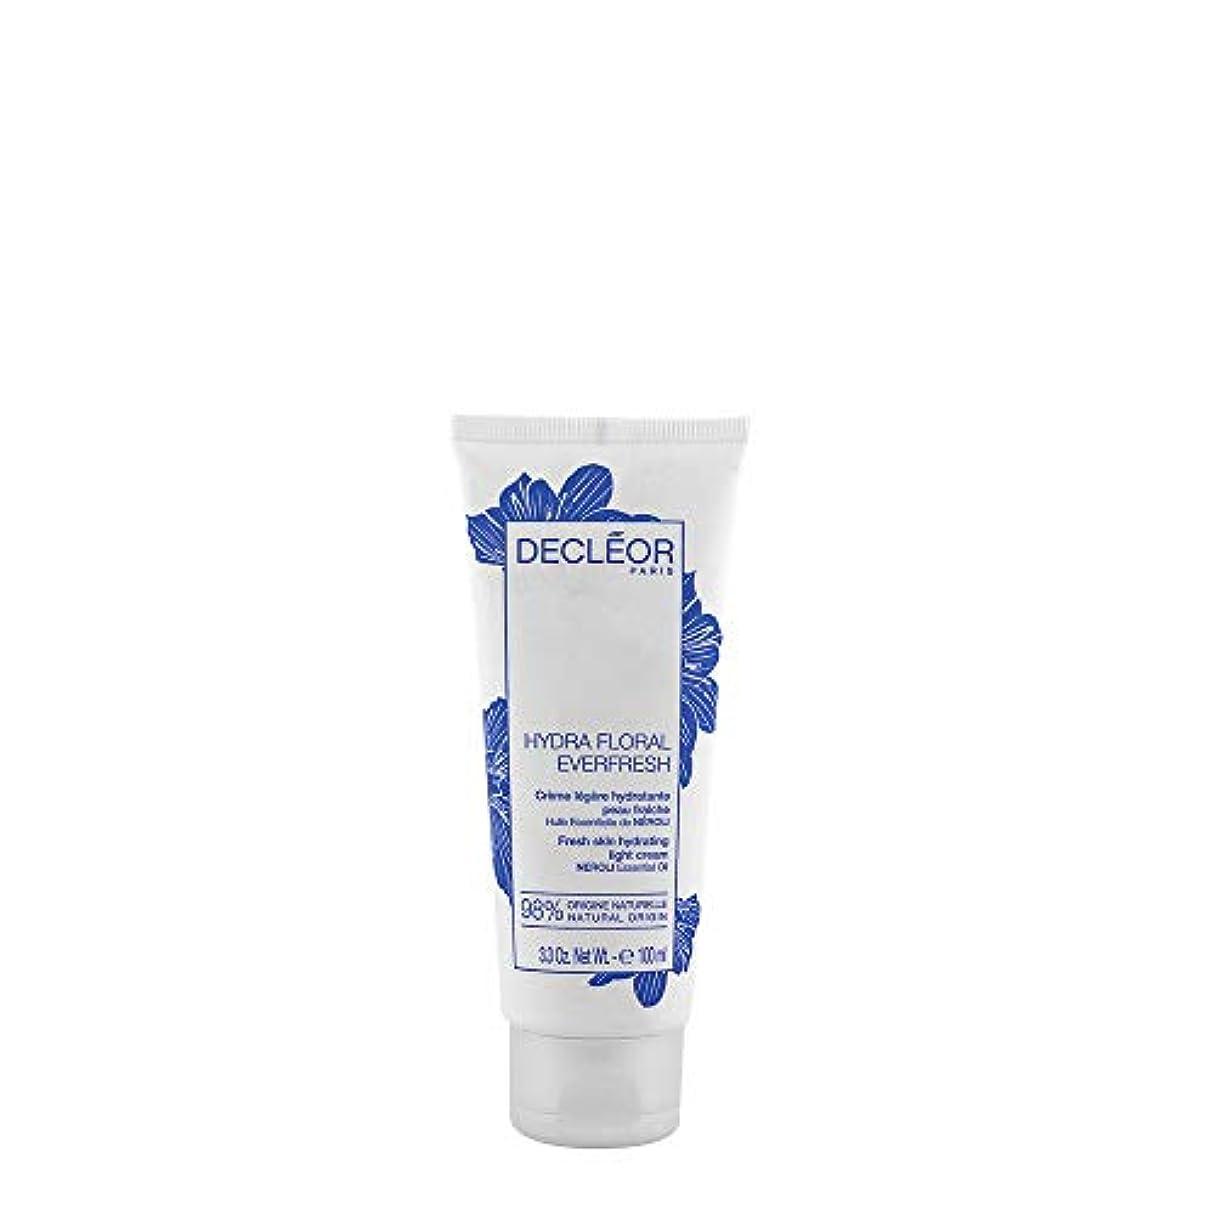 トピック自然公園ファンドデクレオール Hydra Floral Everfresh Fresh Skin Hydrating Light Cream - For Dehydrated Skin (Limited Edition) 100ml/3.3oz...